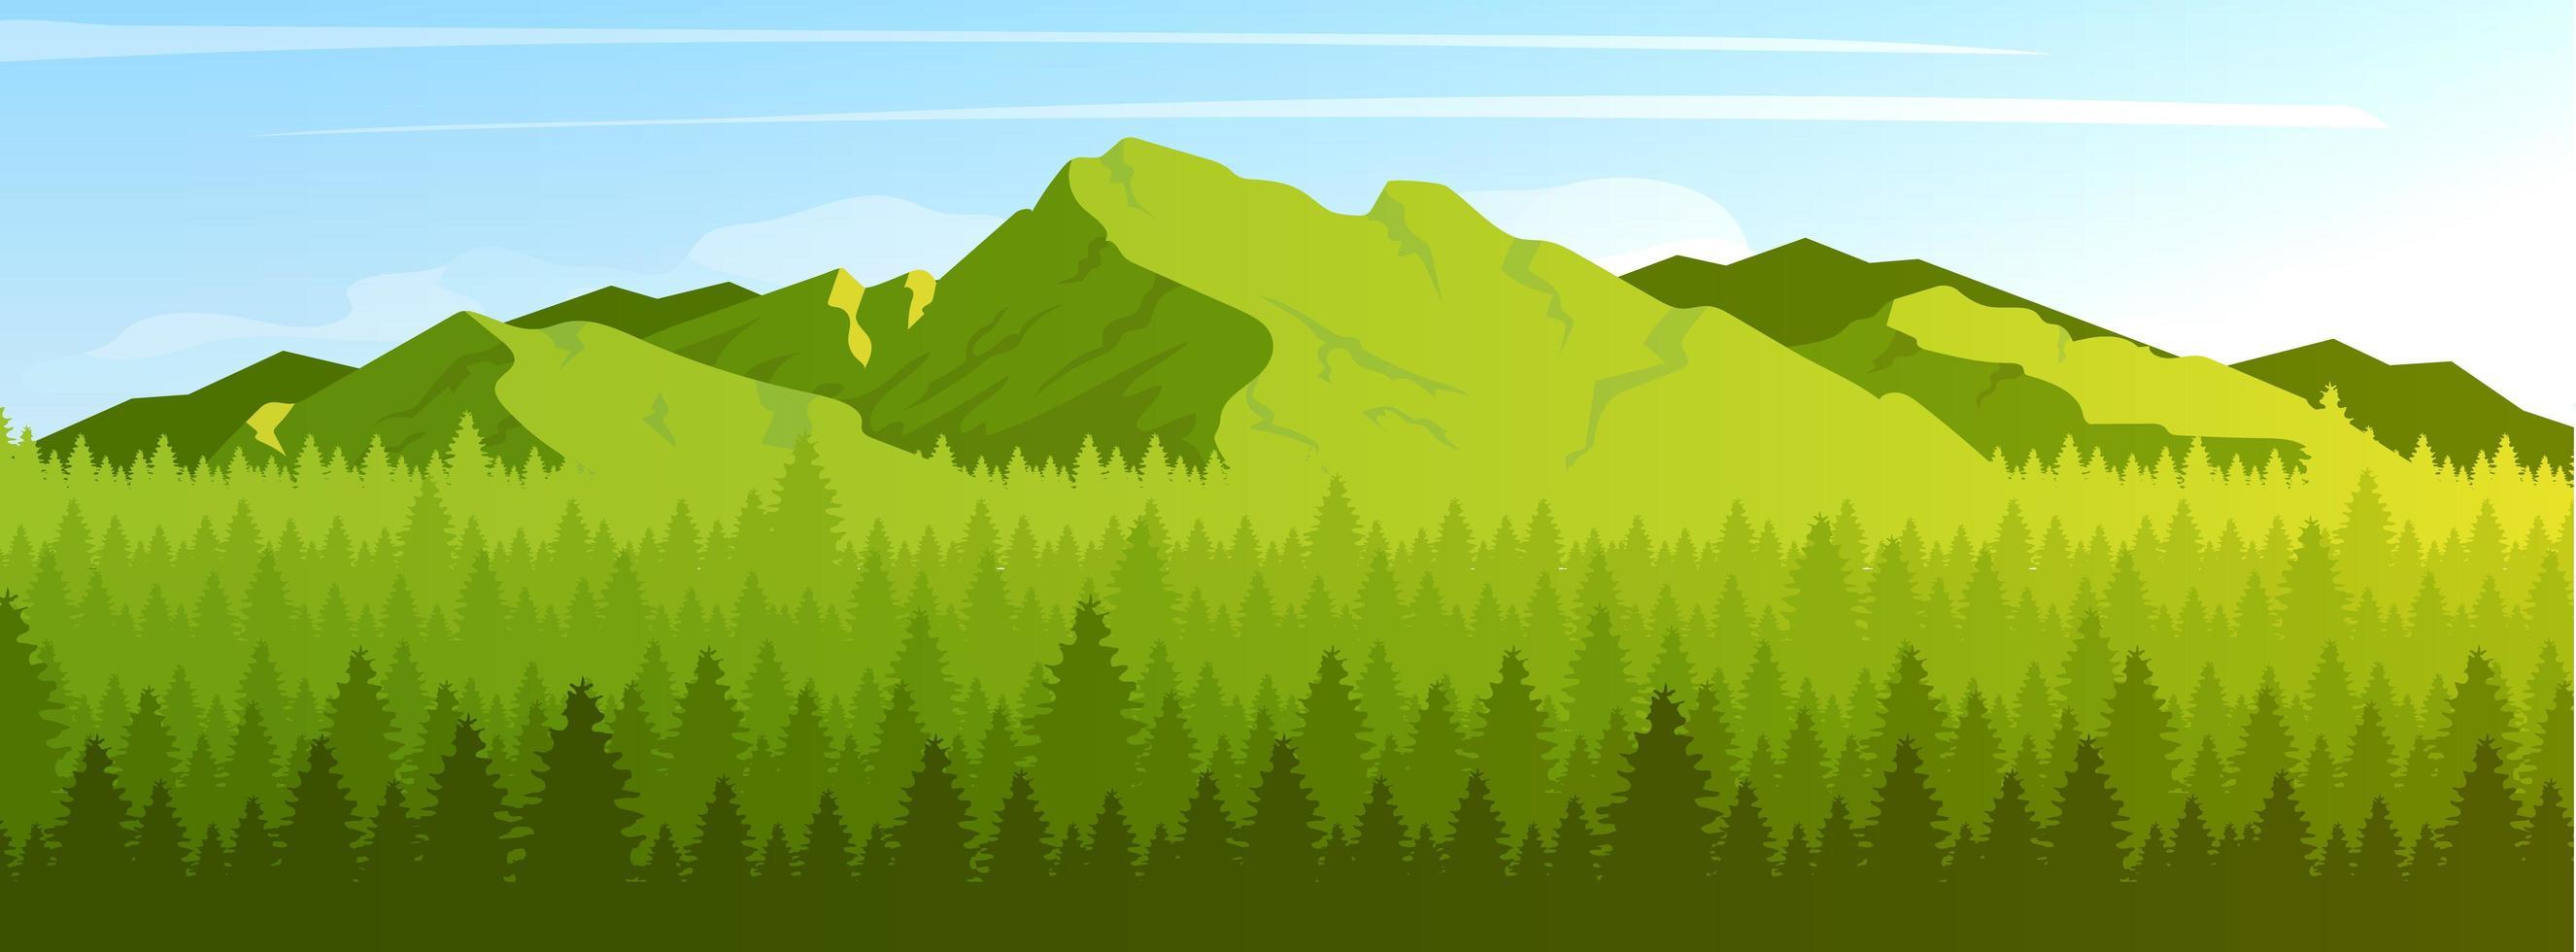 forêt de montagne et de conifères vecteur